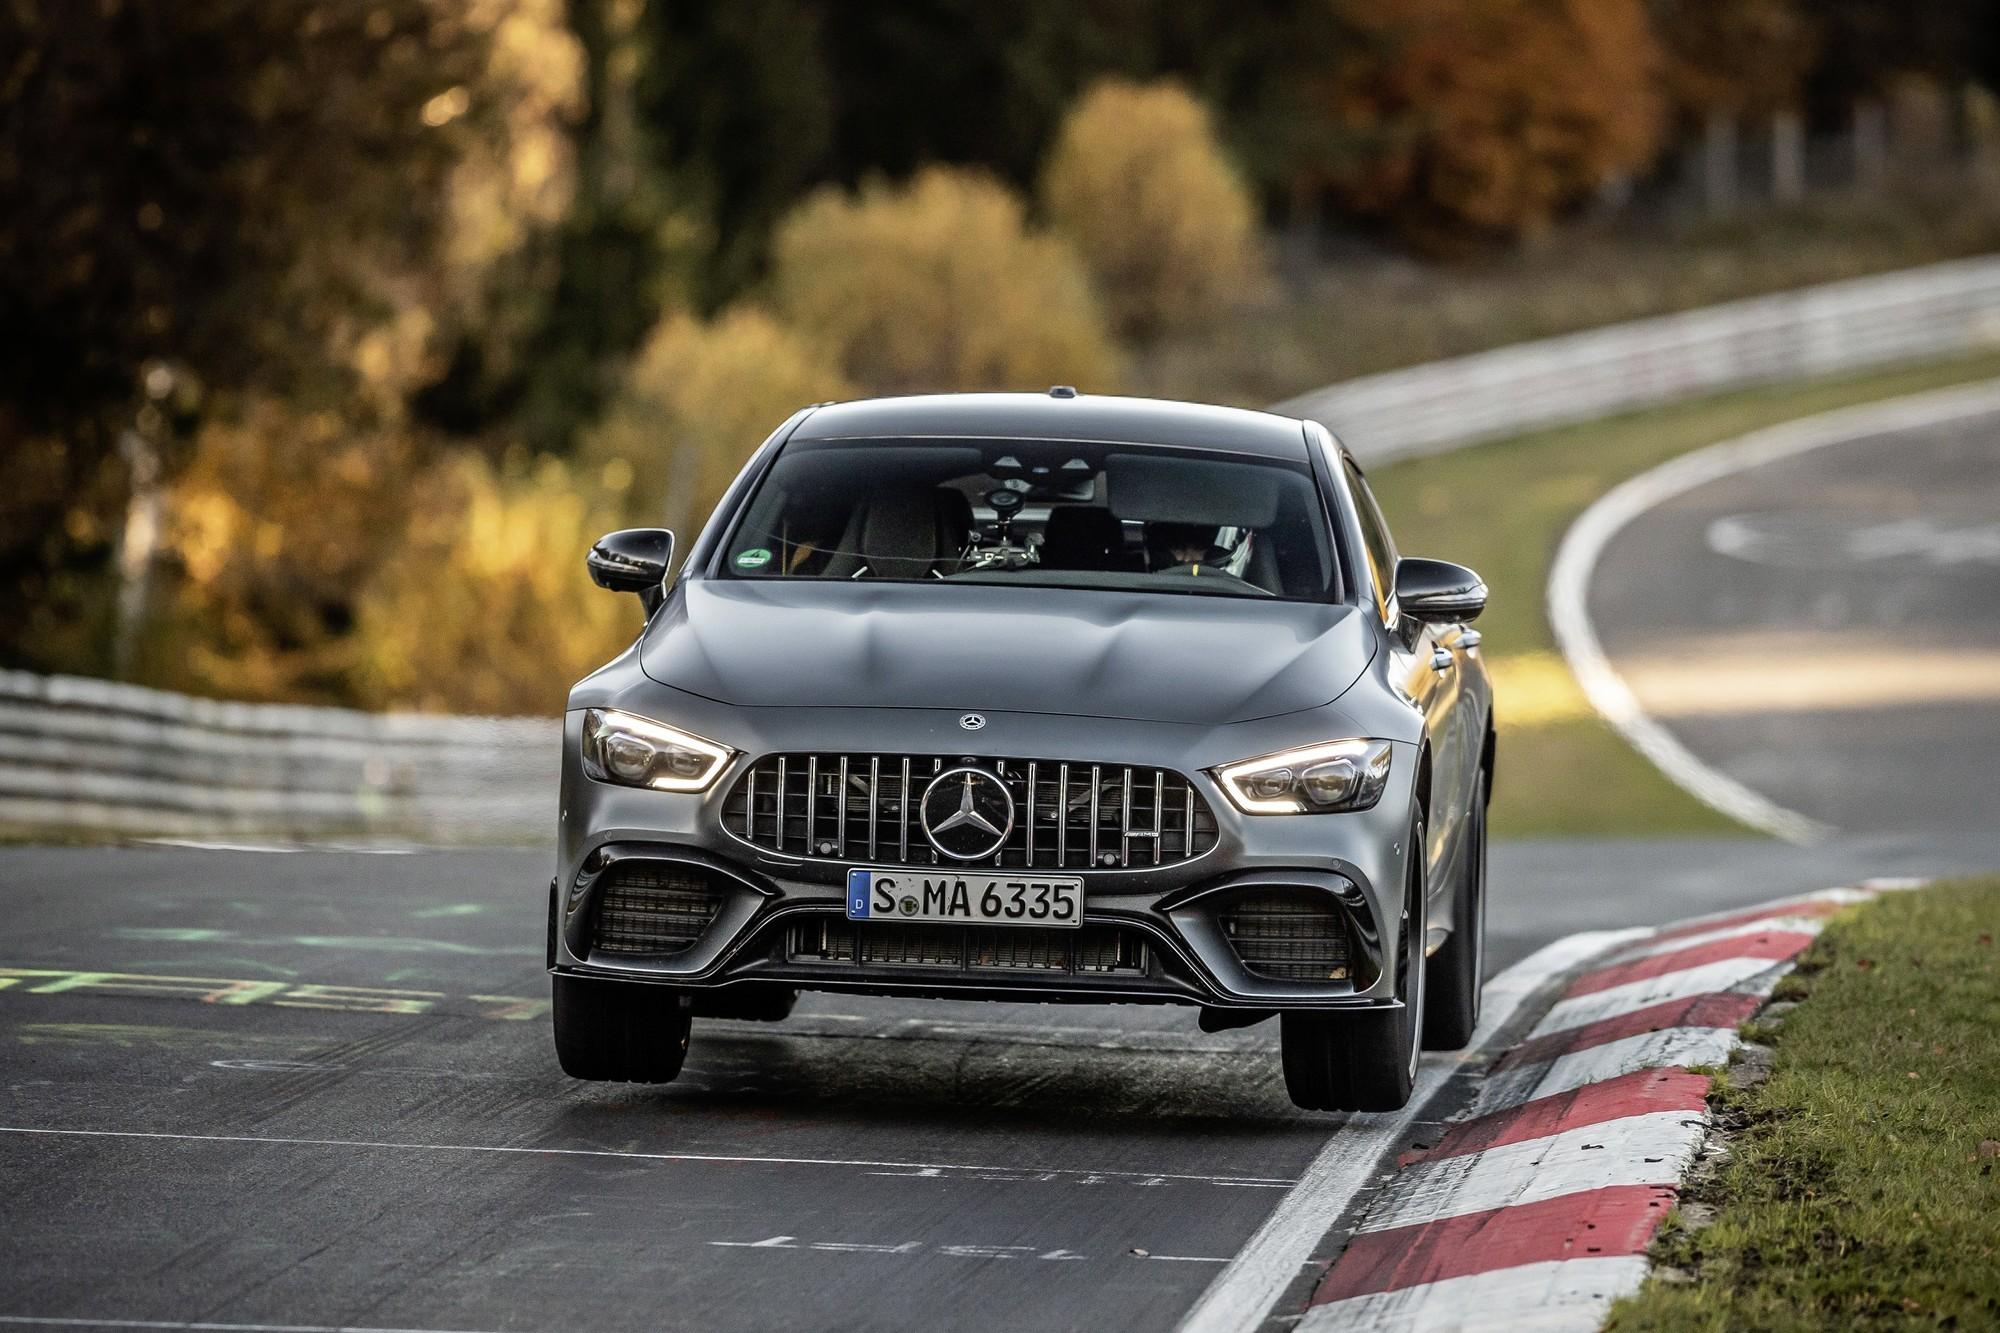 Контрудар: Mercedes-AMG GT 63 S побил рекорд Porsche Panamera на Нюрбургринге